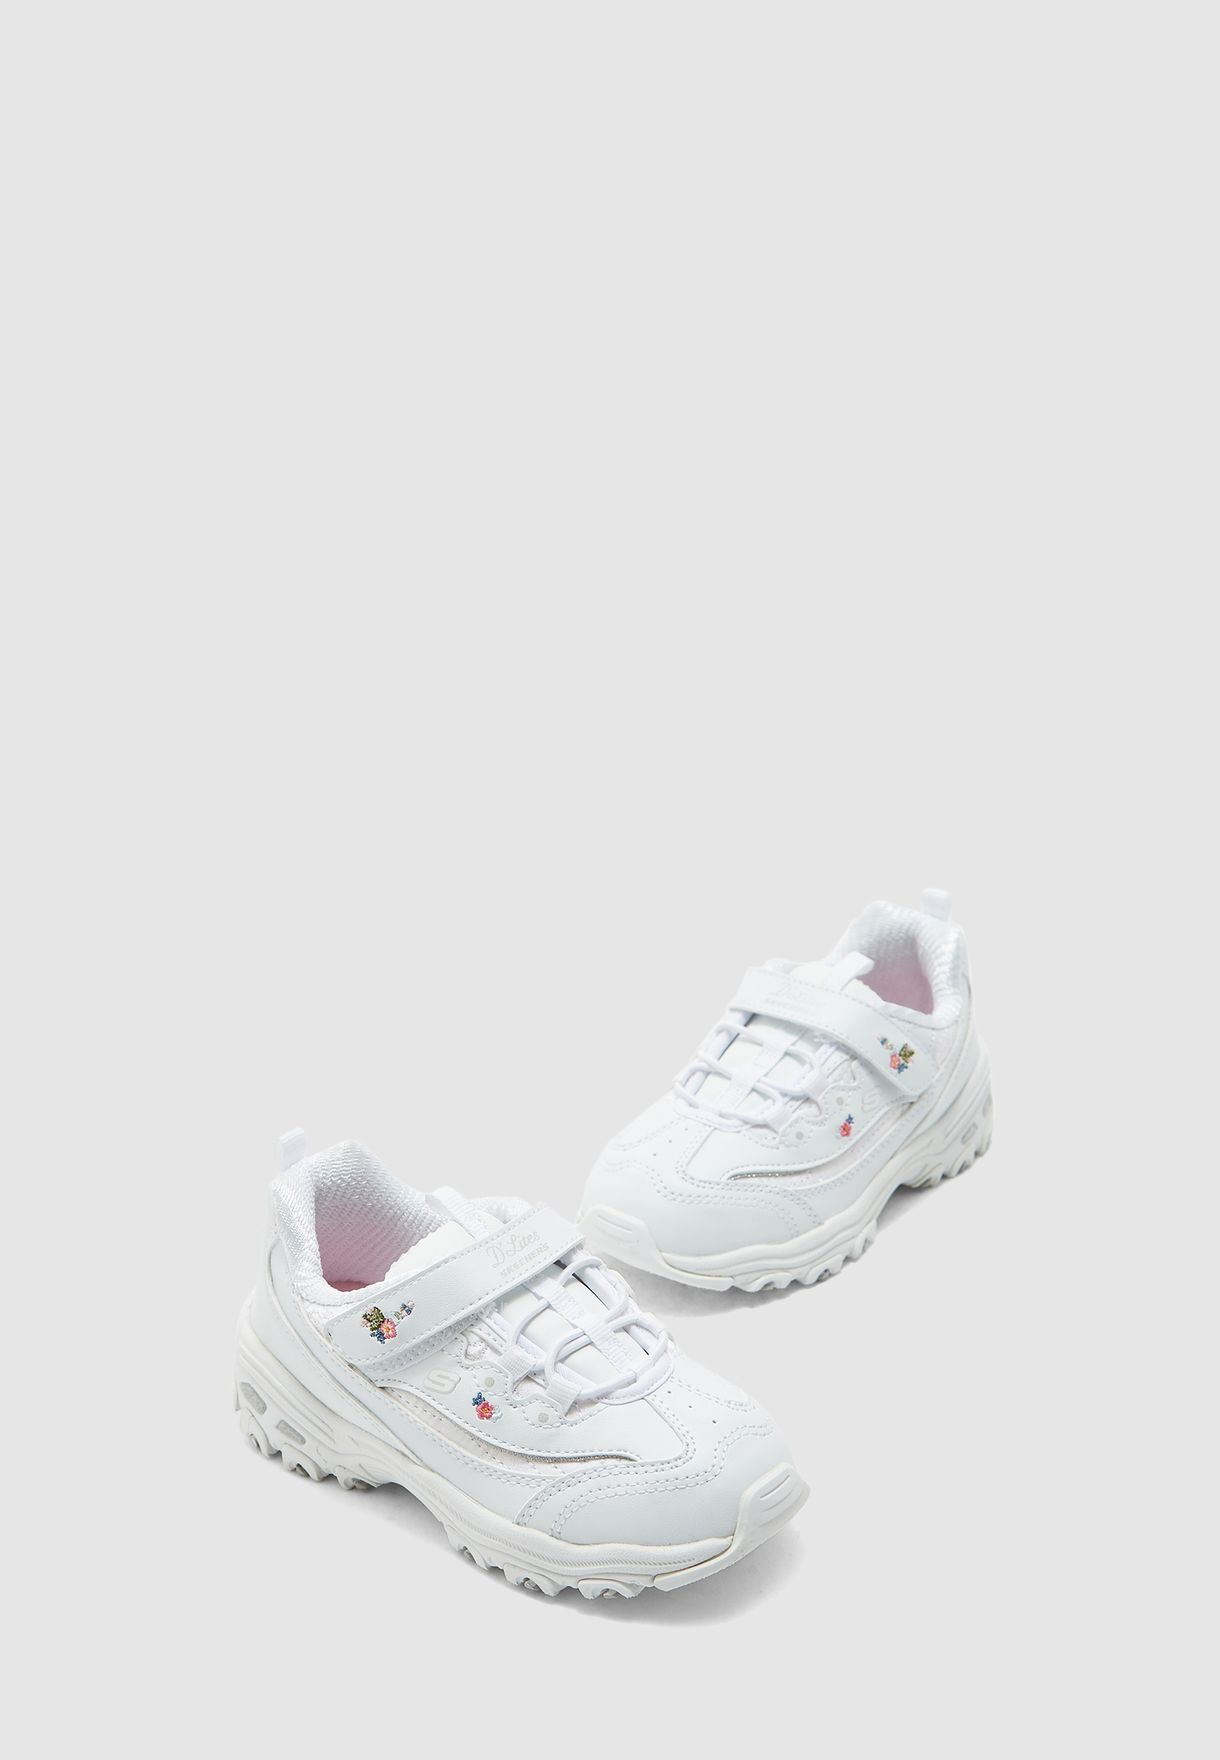 حذاء ديلايتس للبيبي